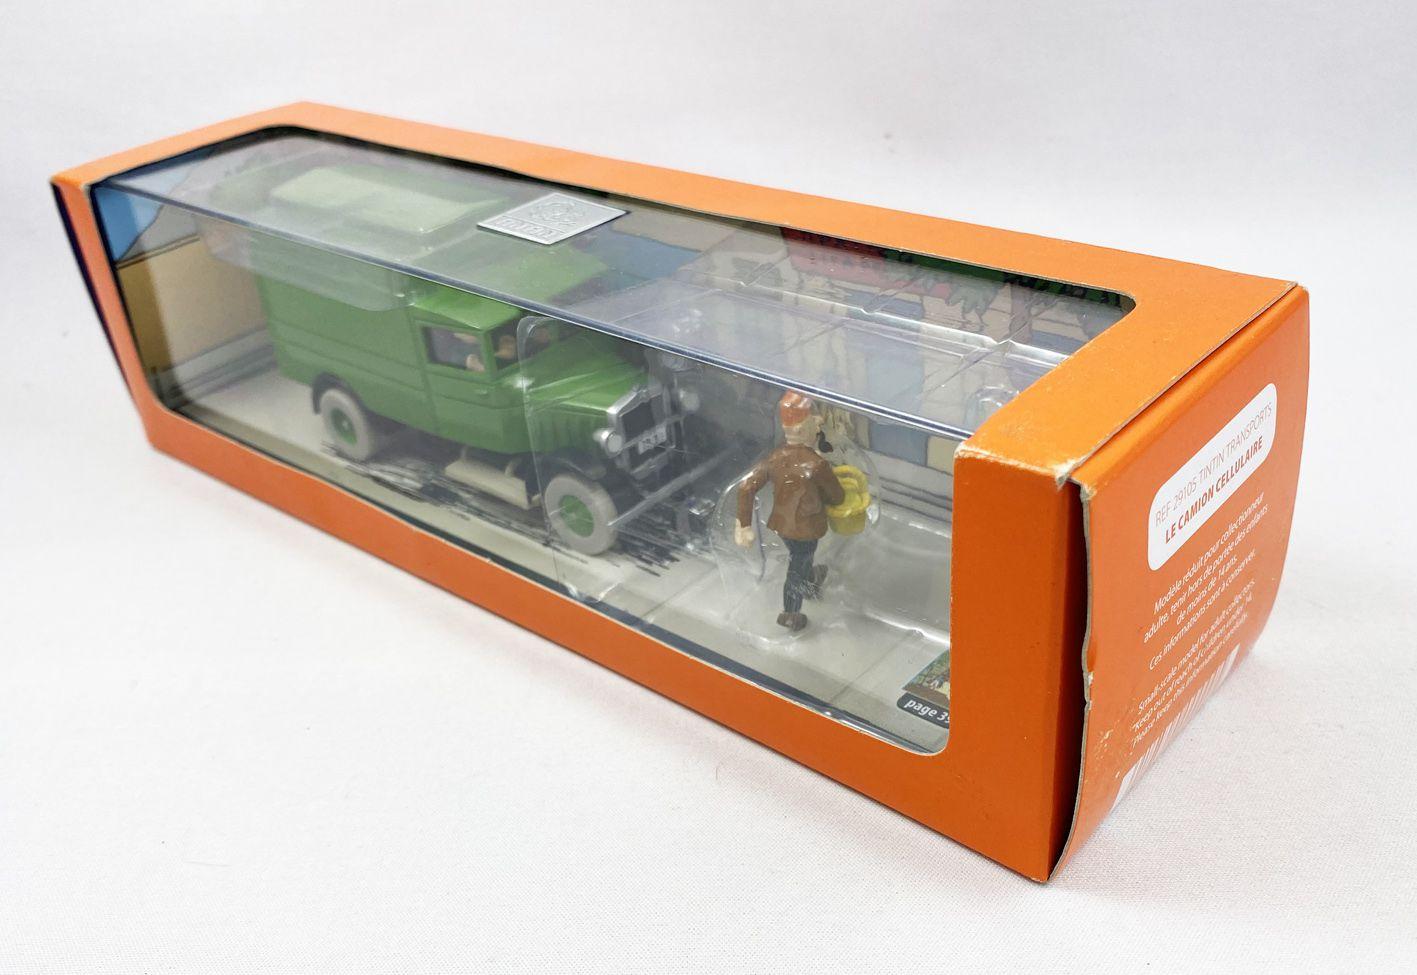 Tintin - Moulinsart - N° 05 Le Camion Cellulaire (neuf en boite)